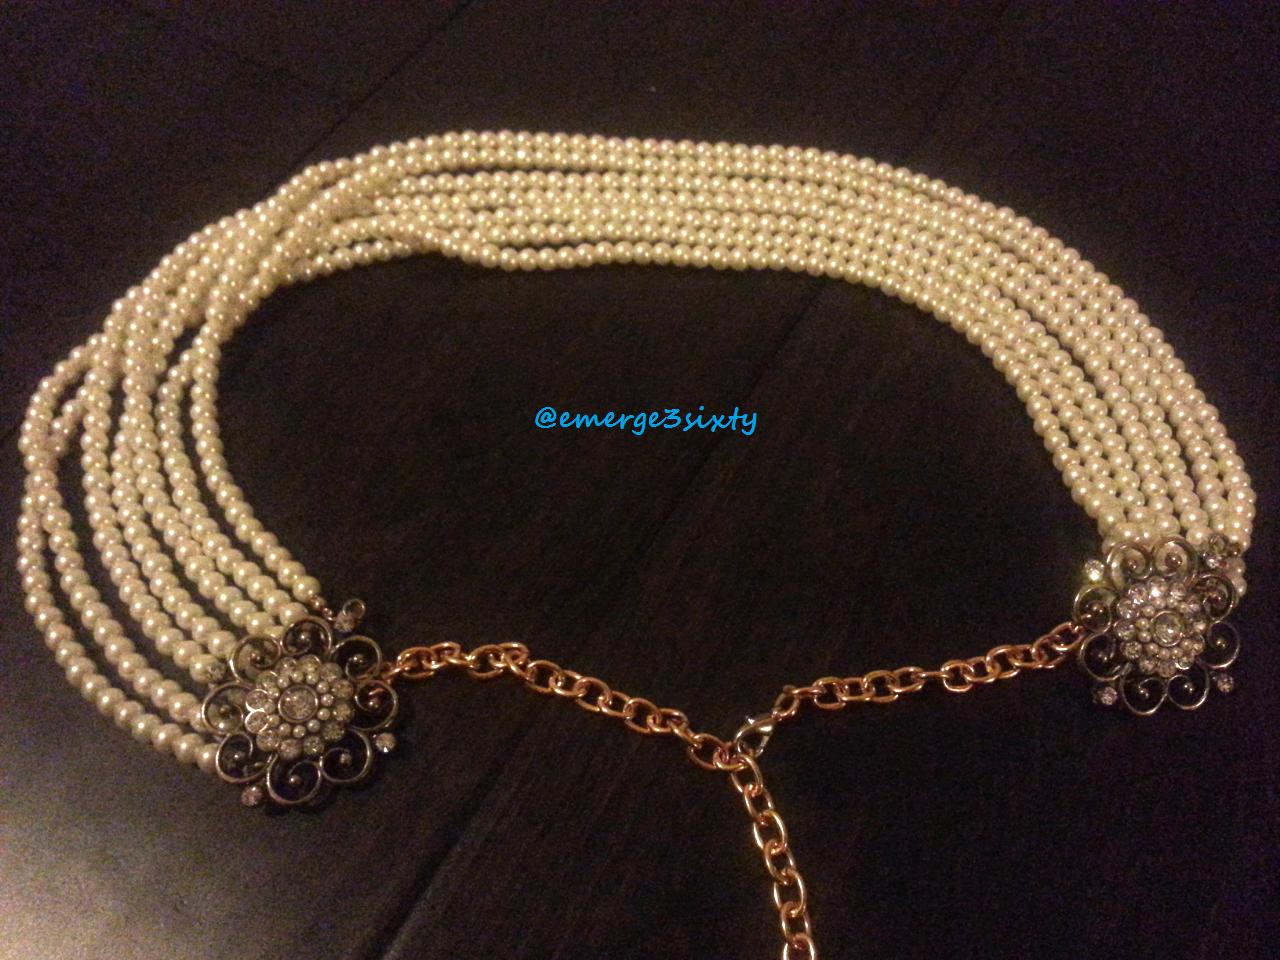 Handcrafted pearl jewel sari saree belt with gold chain treasure